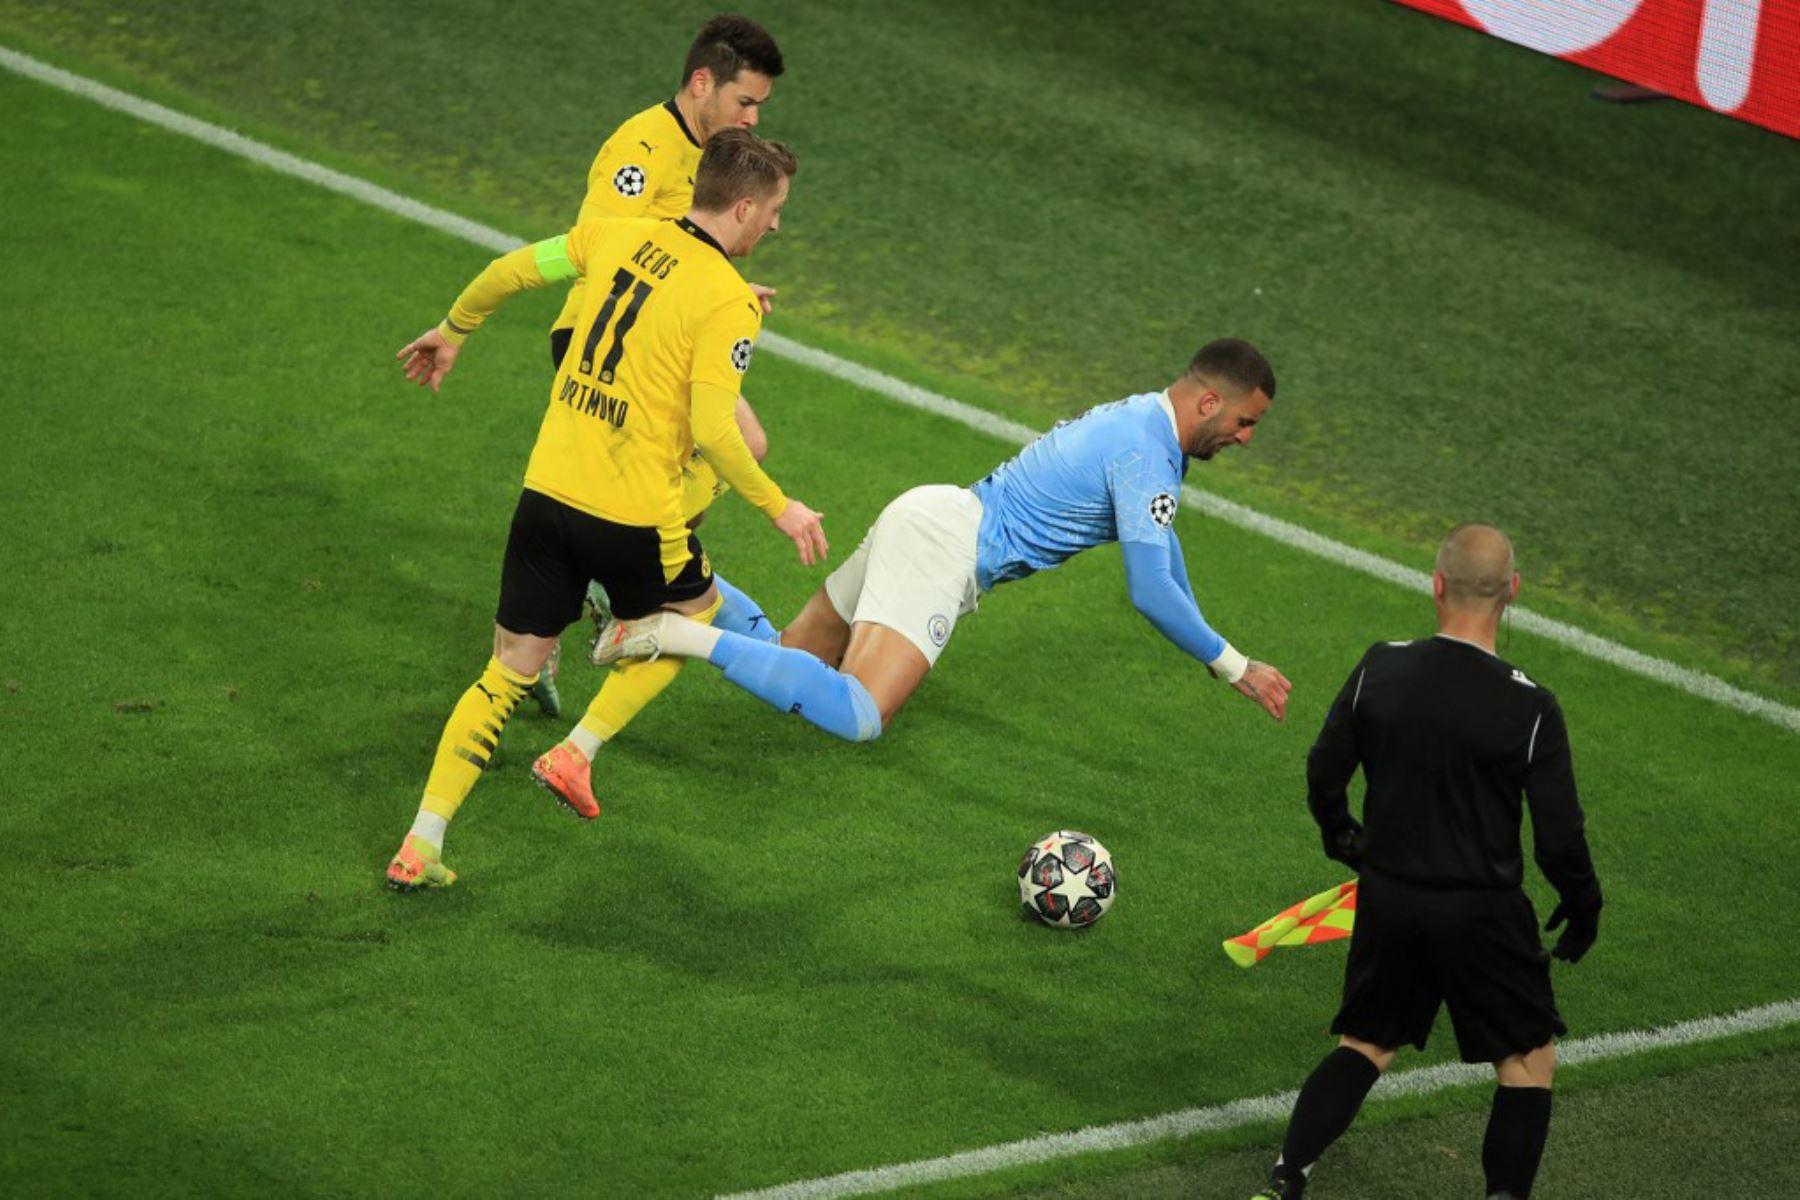 El defensa inglés del Manchester City, Kyle Walker, es derribado por el delantero alemán del Dortmund, Marco Reus, durante el partido de vuelta de los cuartos de final de la UEFA Champions League entre el BVB Borussia Dortmund y el Manchester City en Dortmund.  Foto: AFP